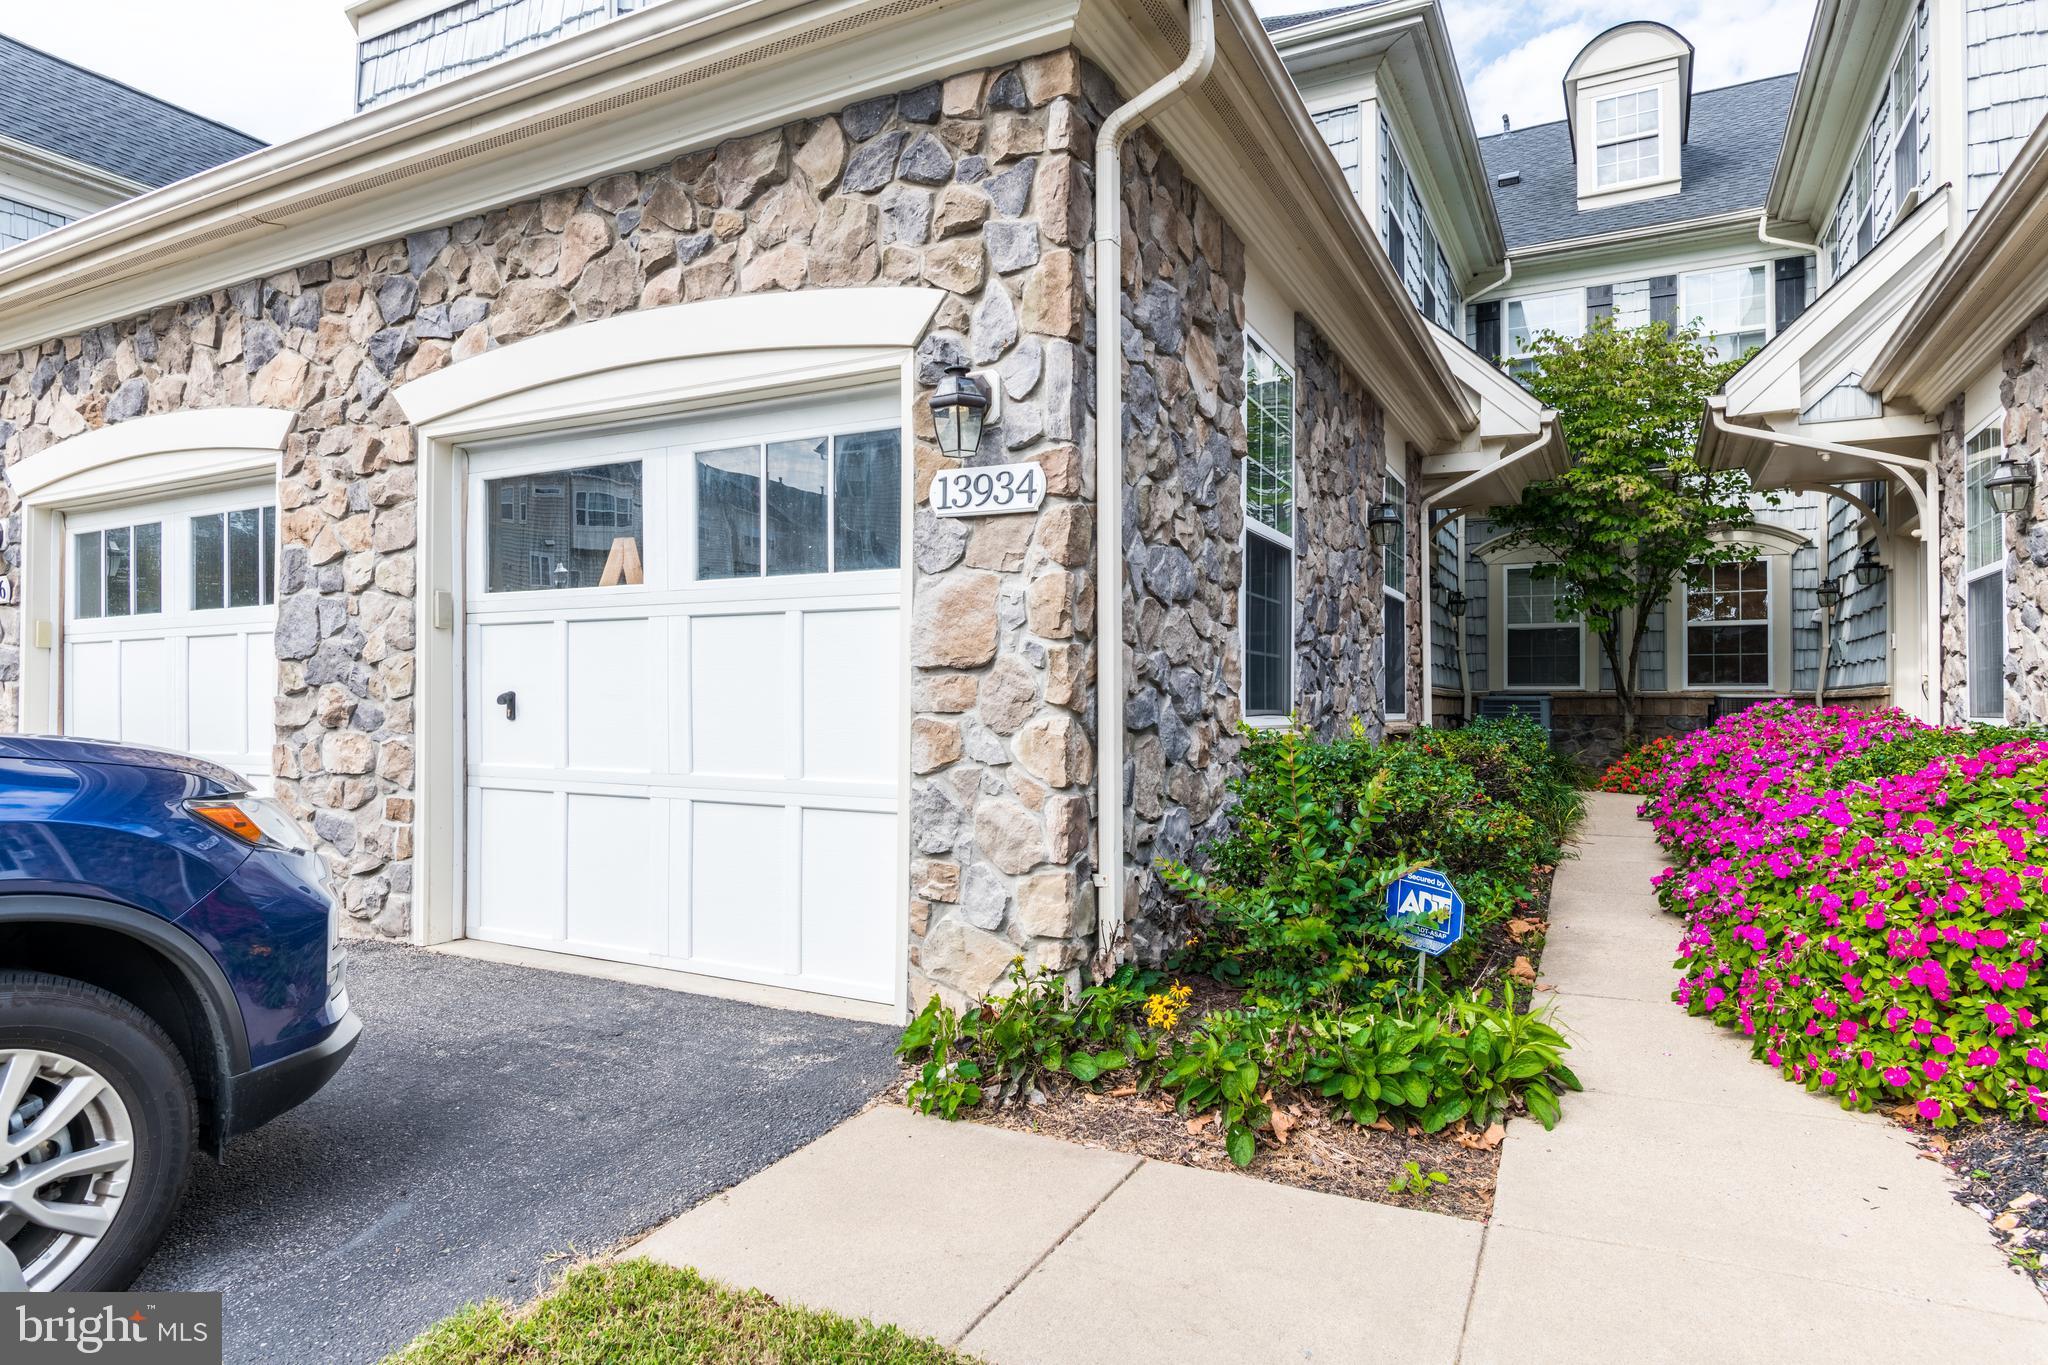 13934 Greendale Drive 26, Woodbridge, VA 22191